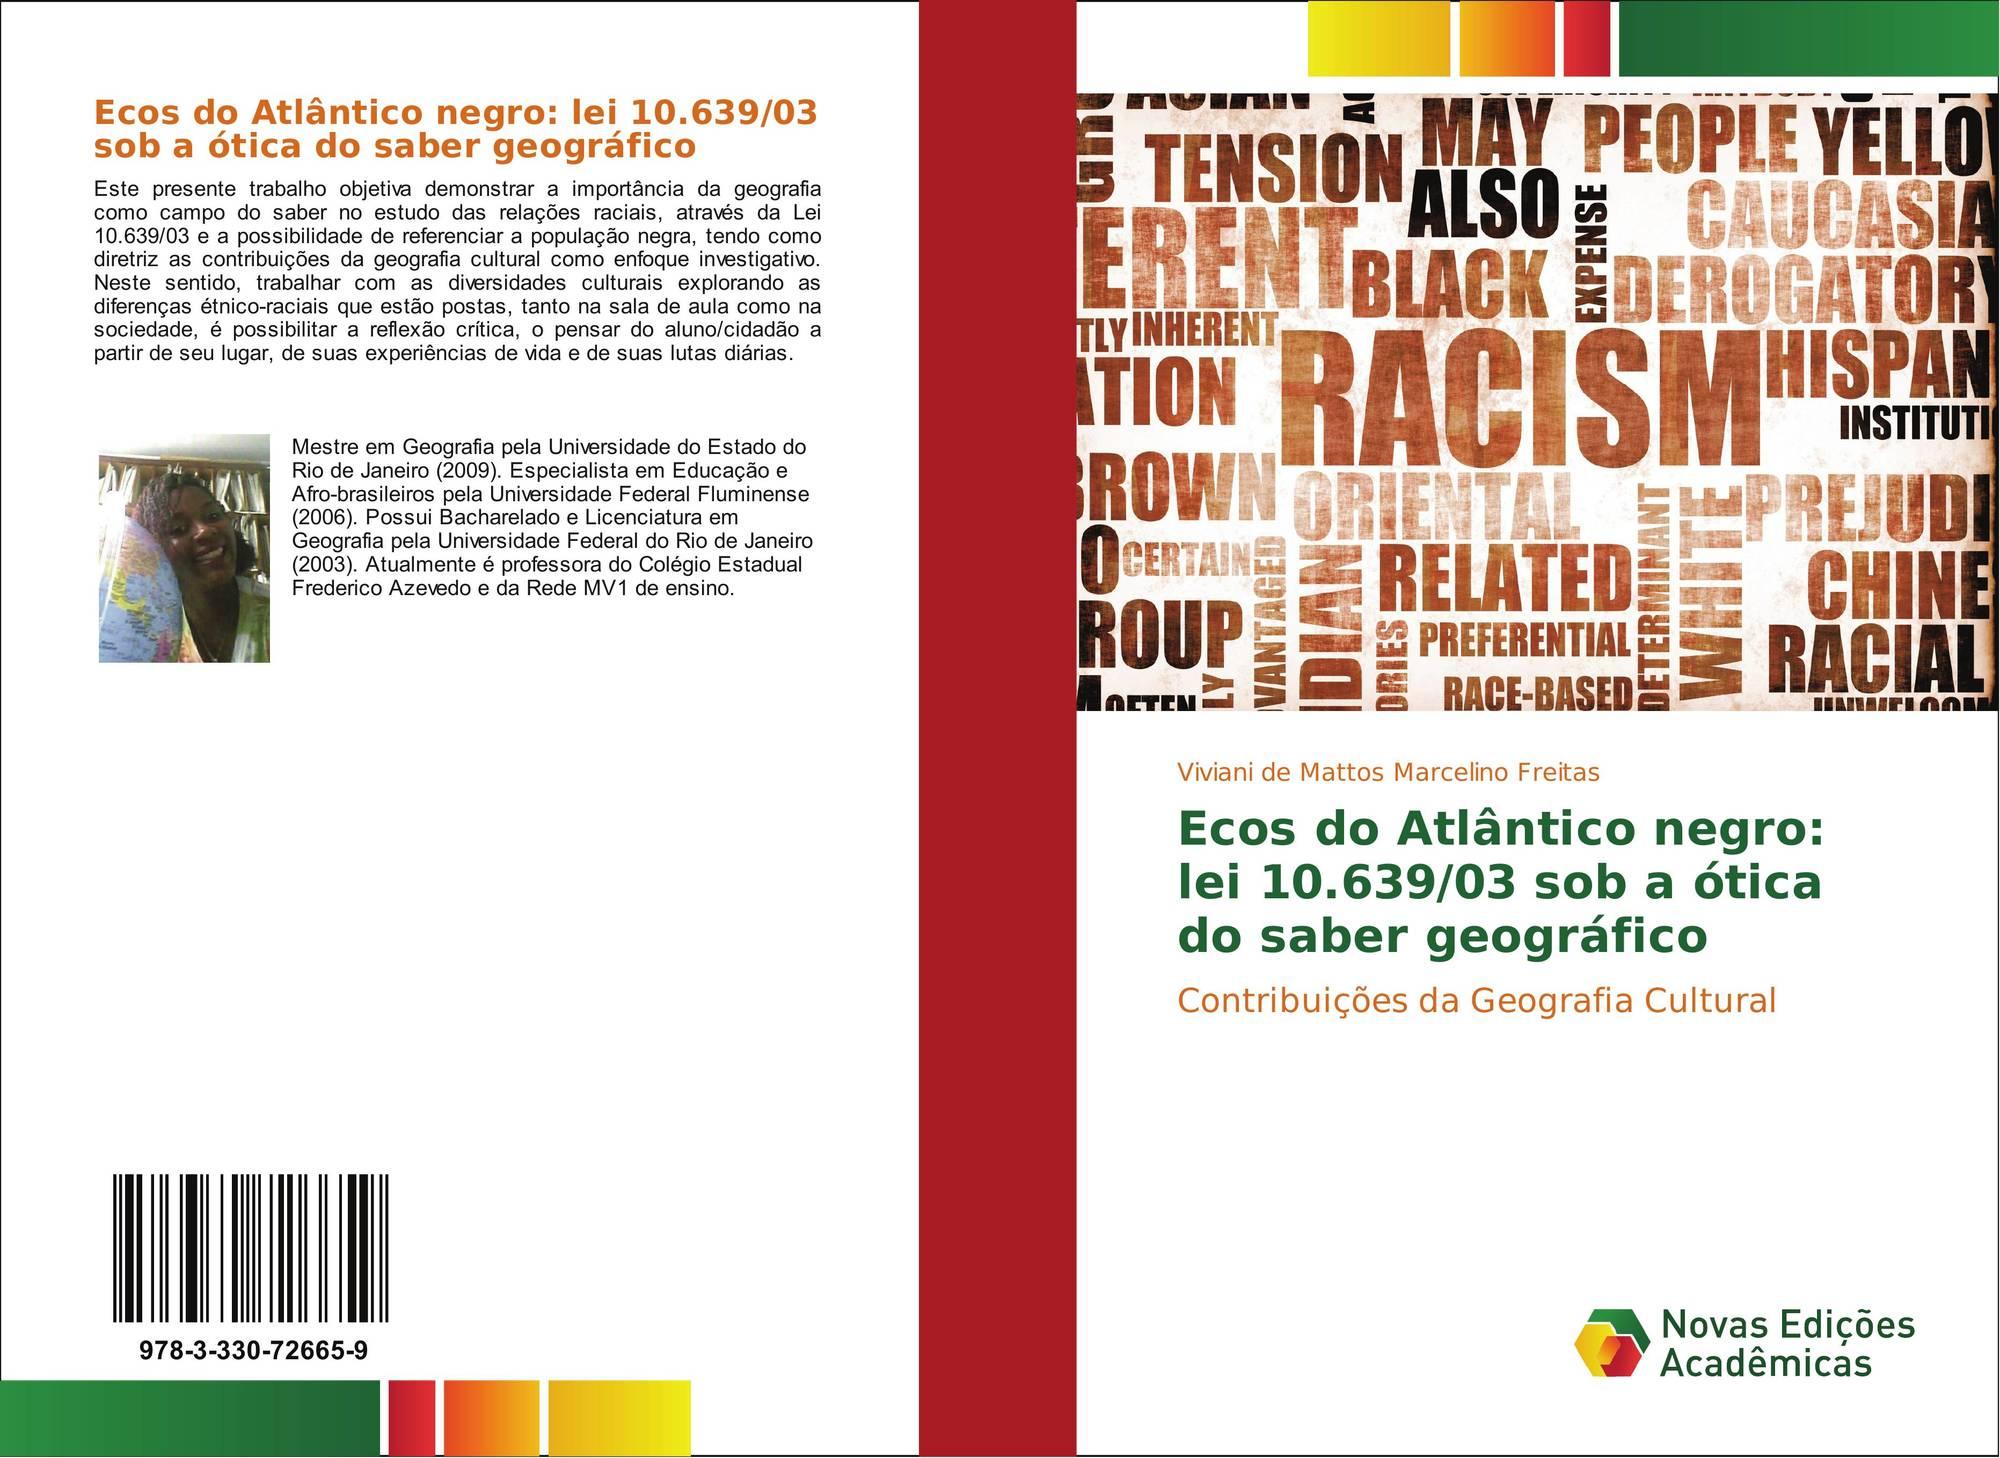 Bookcover of Ecos do Atlântico negro  lei 10.639 03 sob a ótica do saber  geográfico. 9783330726659 32a80e53c4